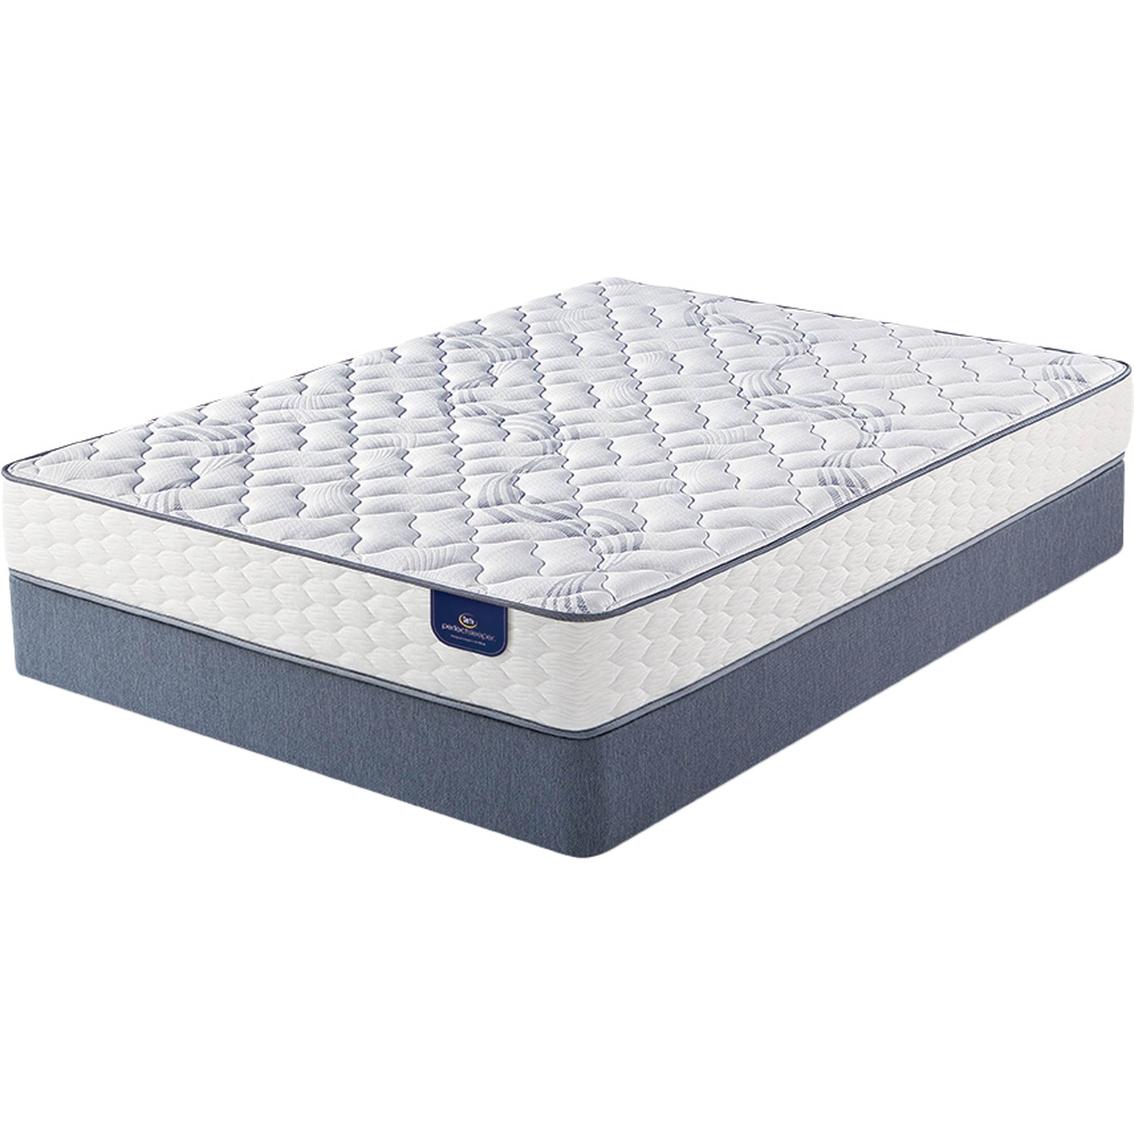 Serta Perfect Sleeper Bridgeville Firm Mattress Set Mattresses